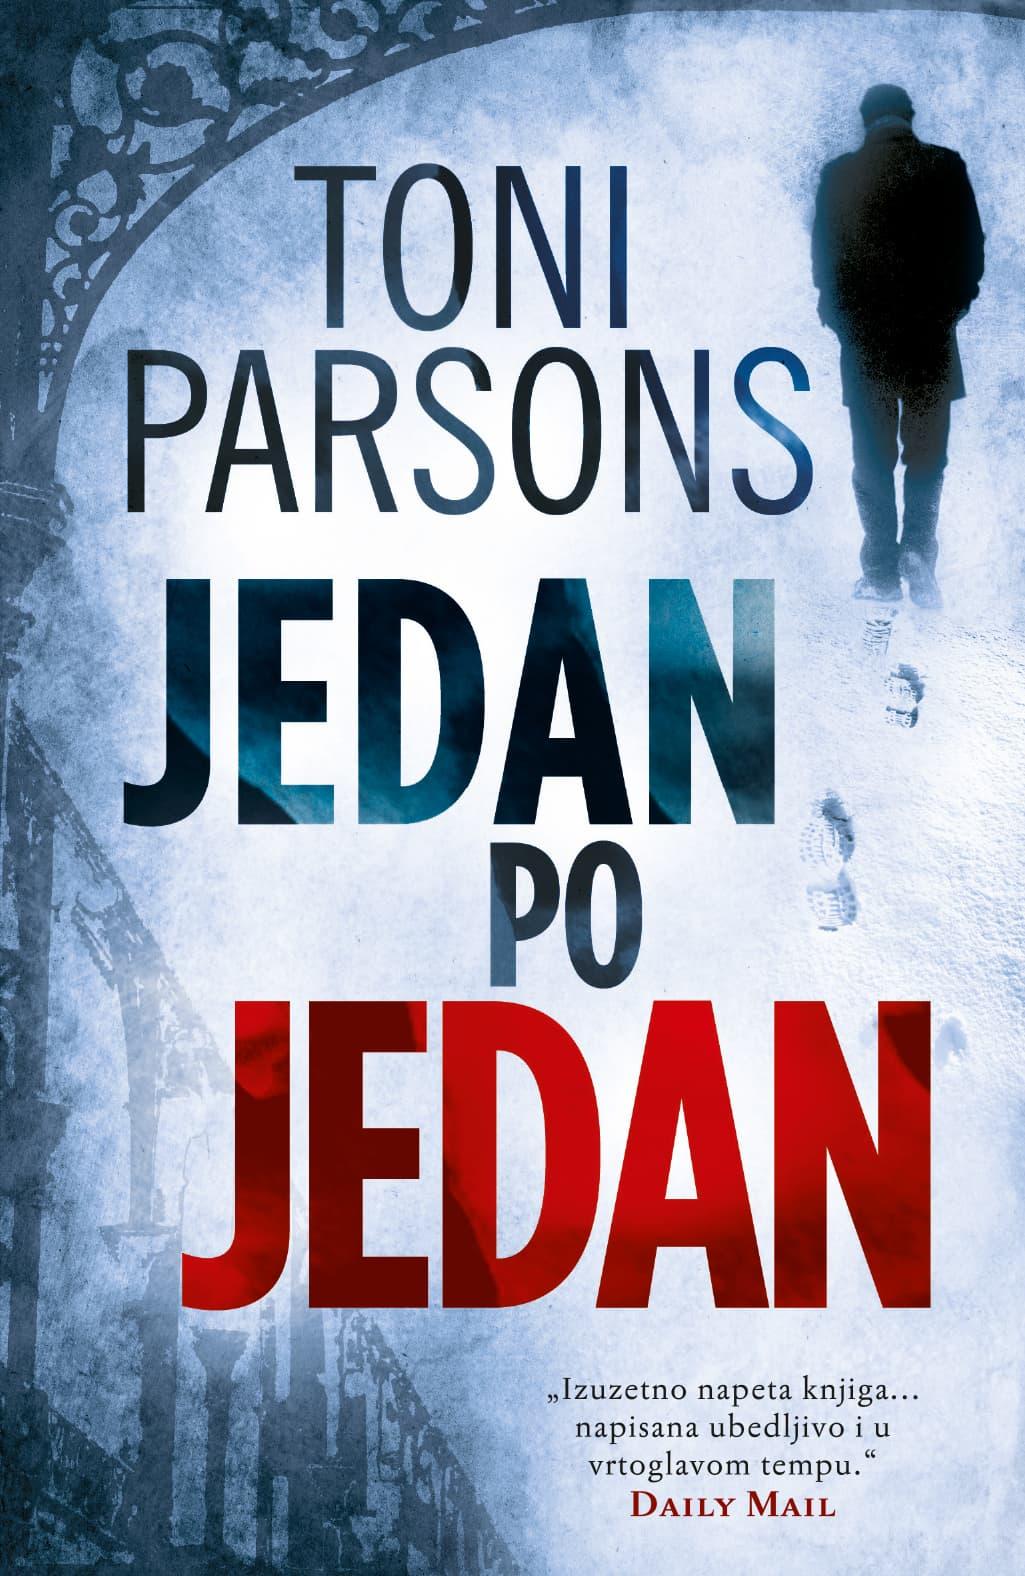 Roman Jedan po jedan u prodaji je u svim Laguninim knjižarama